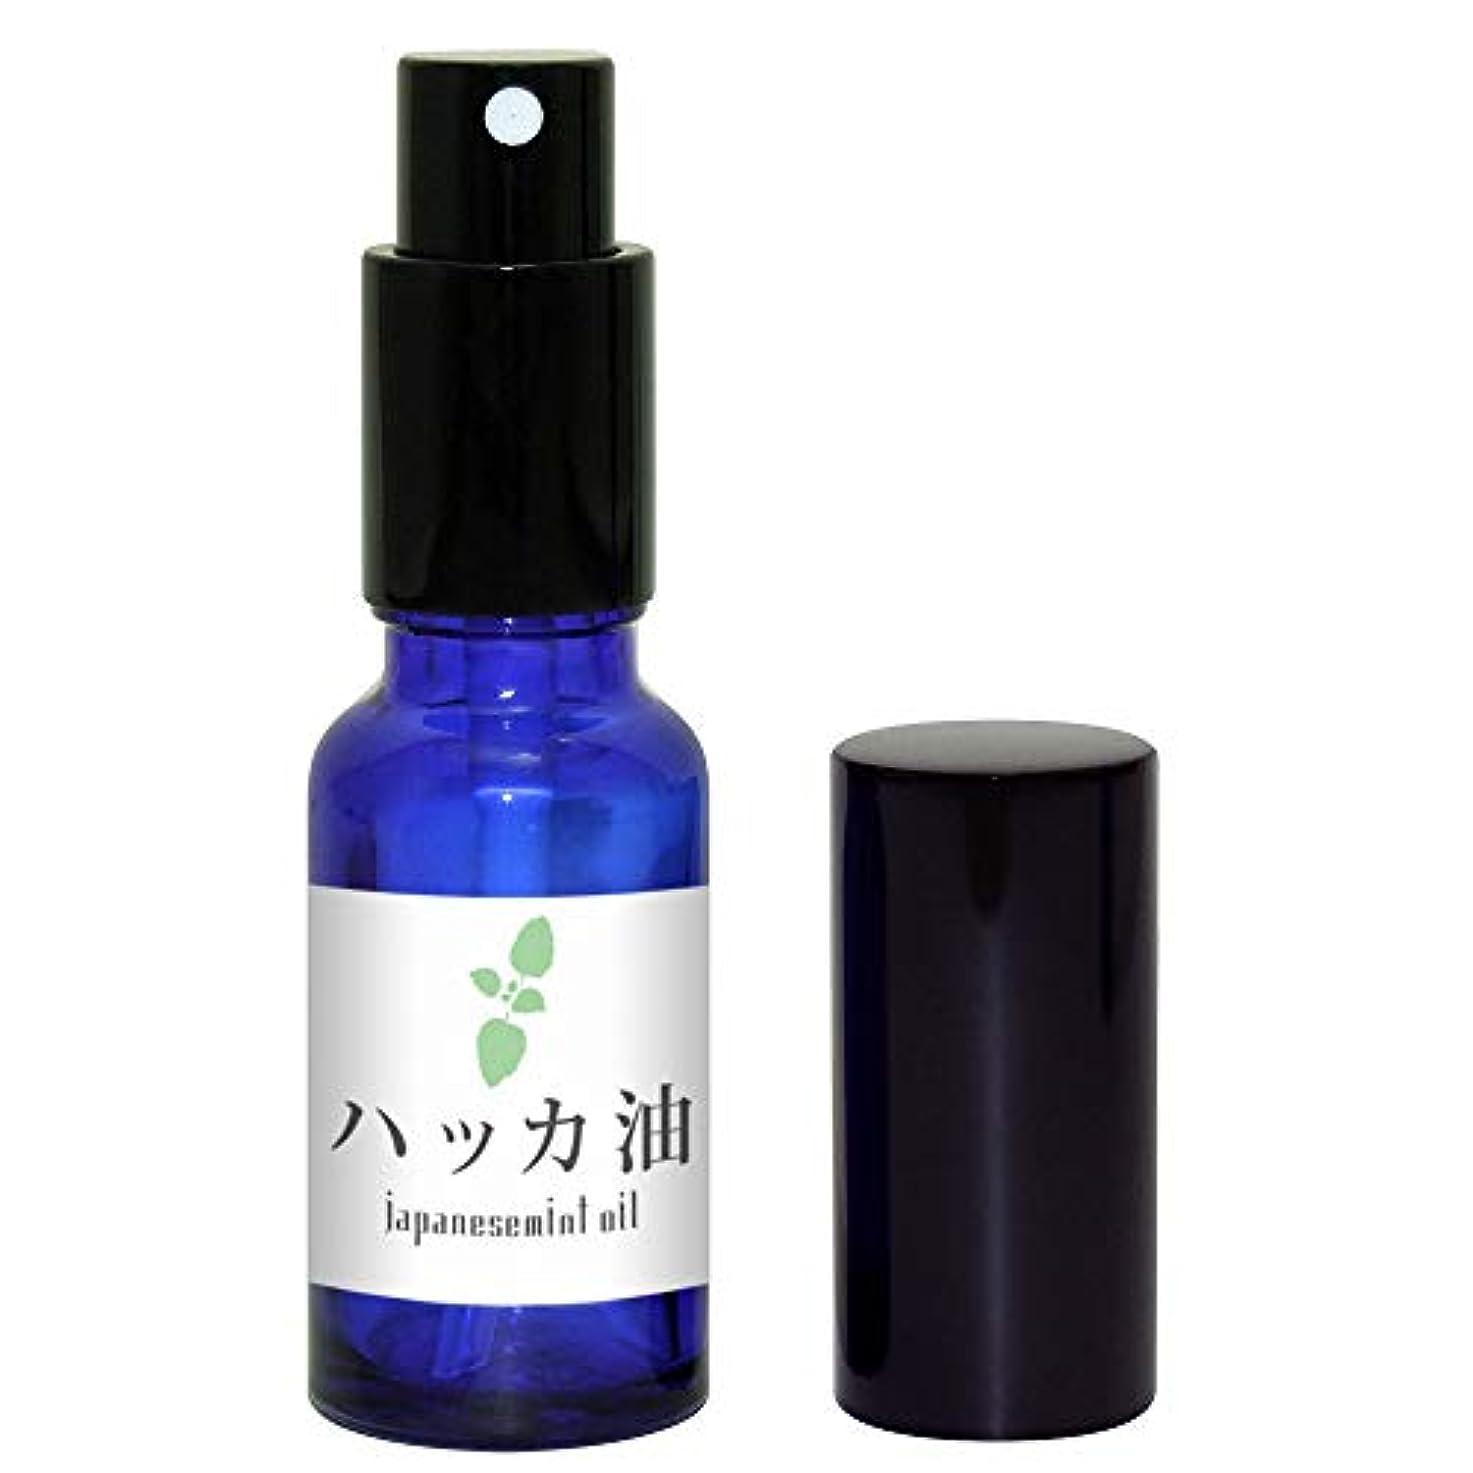 薬剤師水っぽい評価するガレージゼロ ハッカ油 (スプレー瓶入20ml)